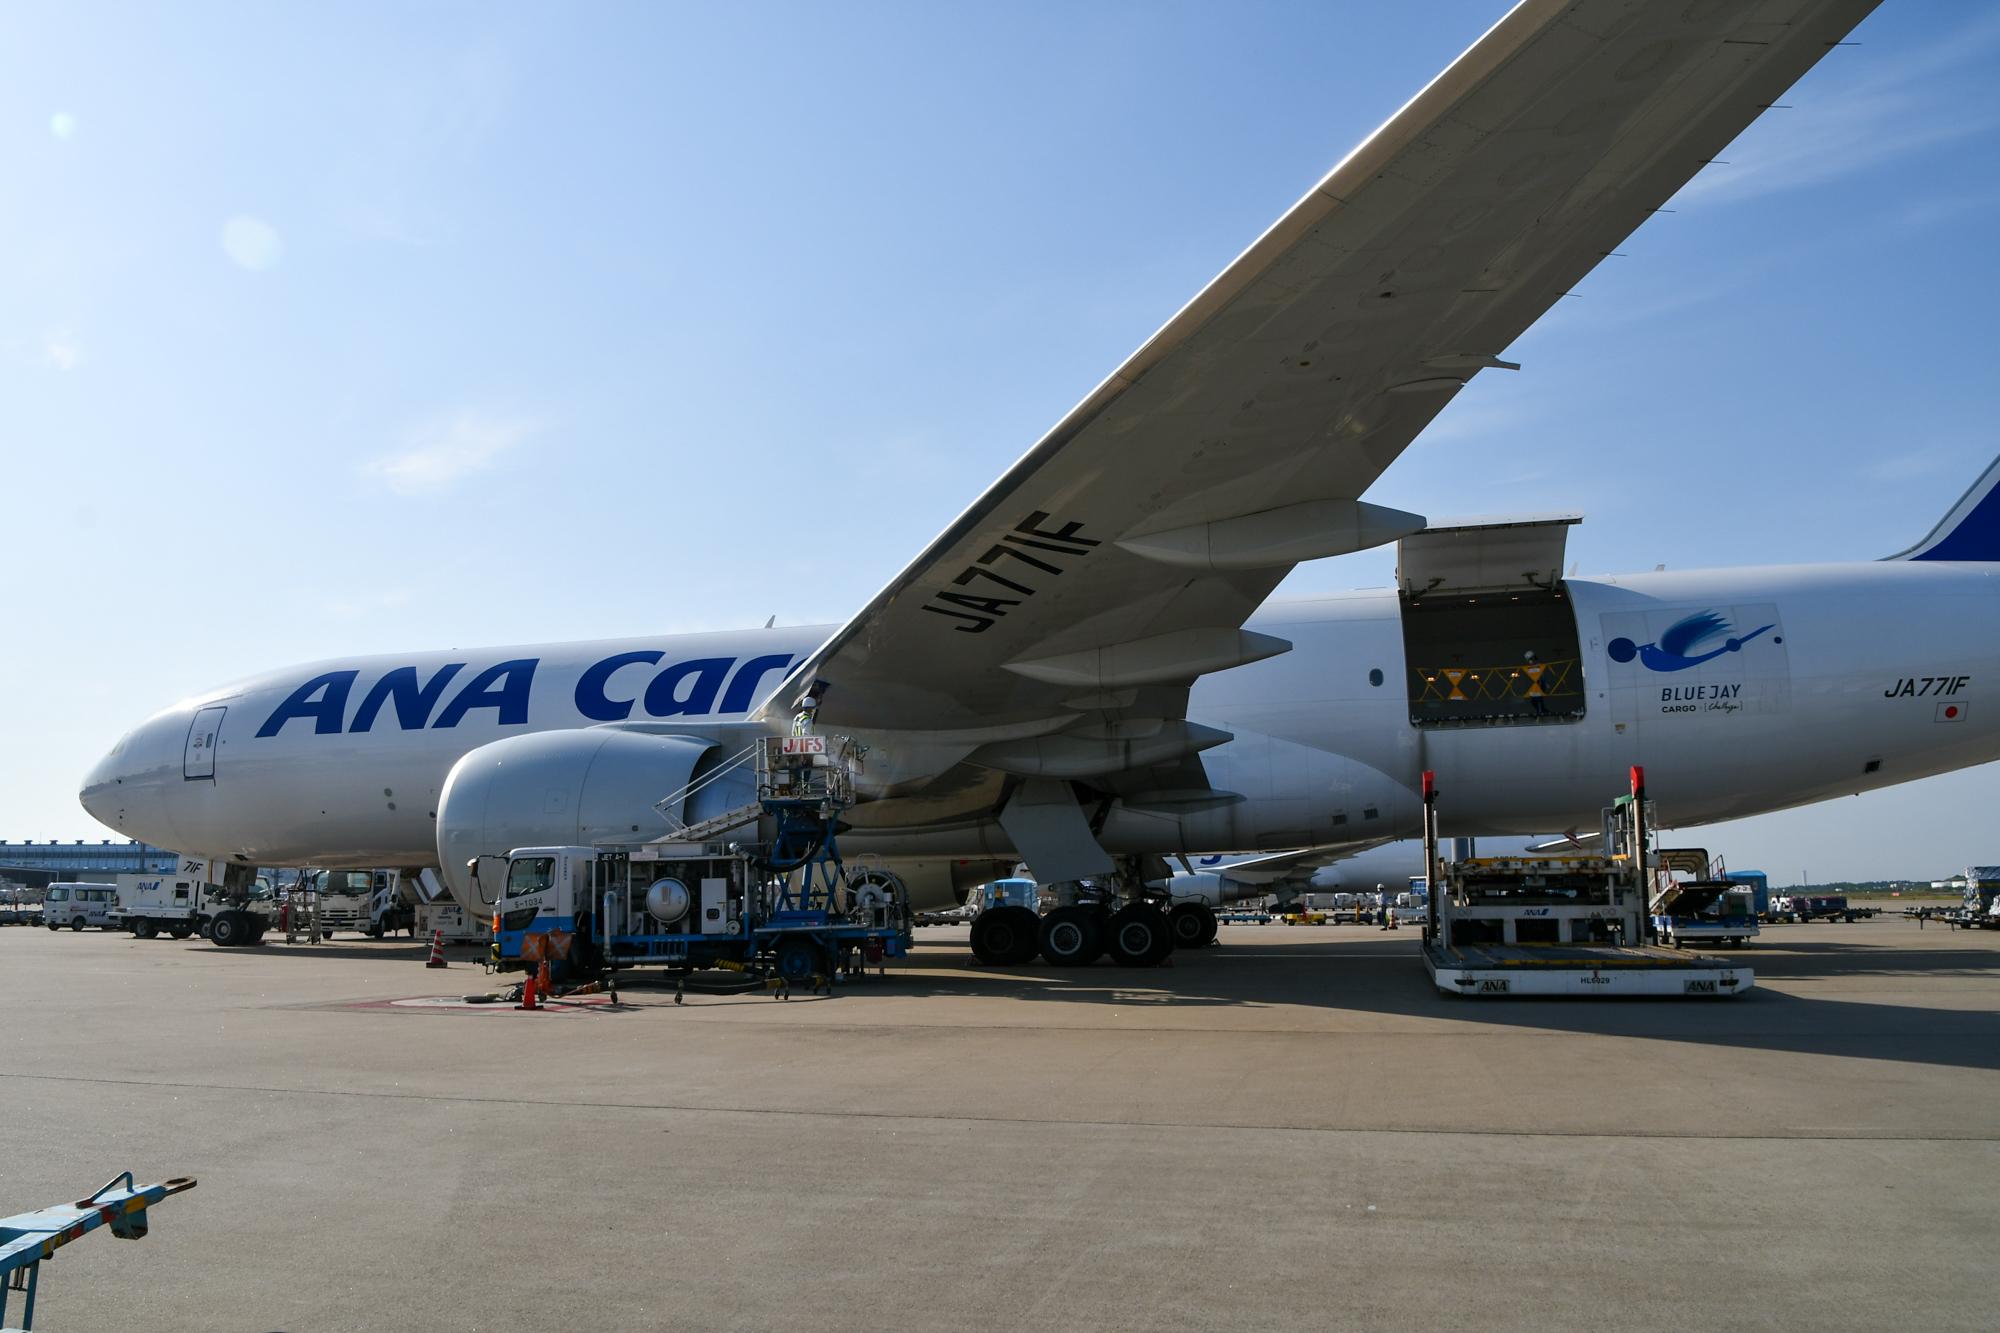 春秋航空日本、国内線の減便と国際線の運休・減便を8月末まで継続